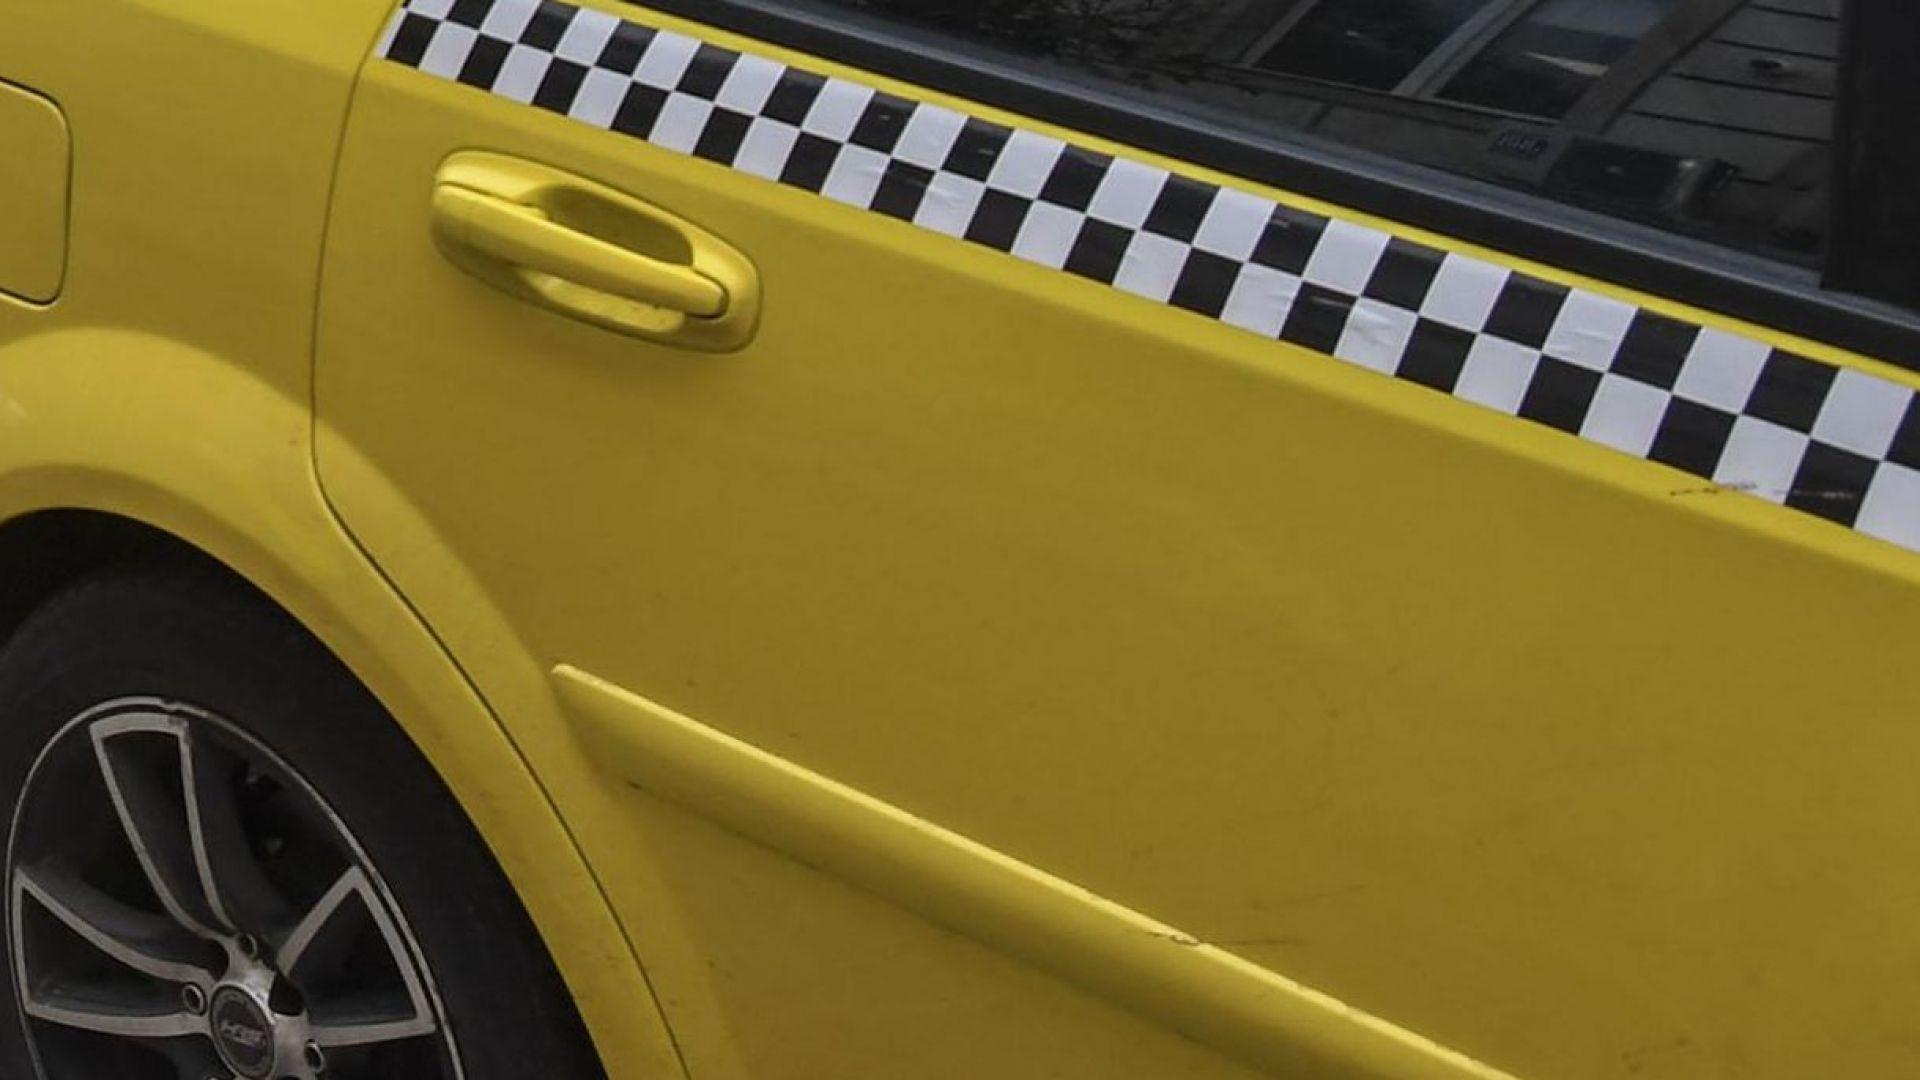 Фалшиви таксита возят без лиценз и контрол, но срещу пари